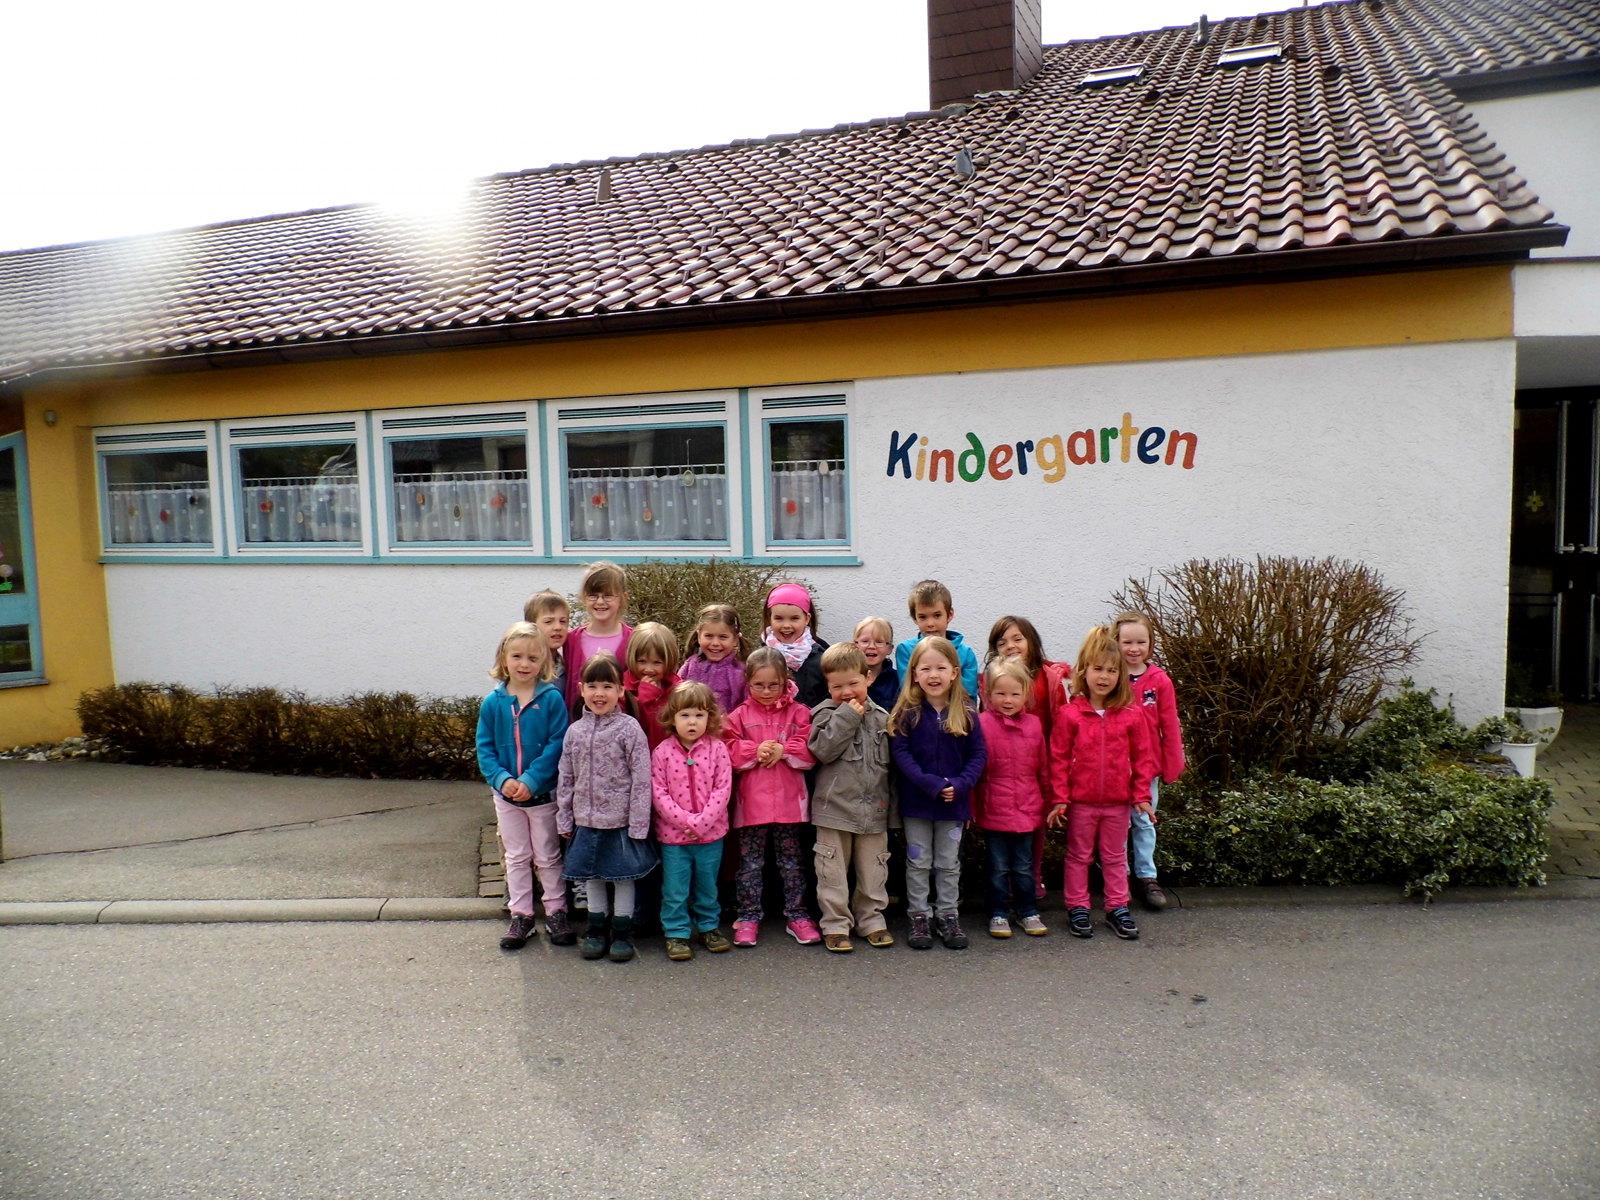 Gebäude mit Kinder